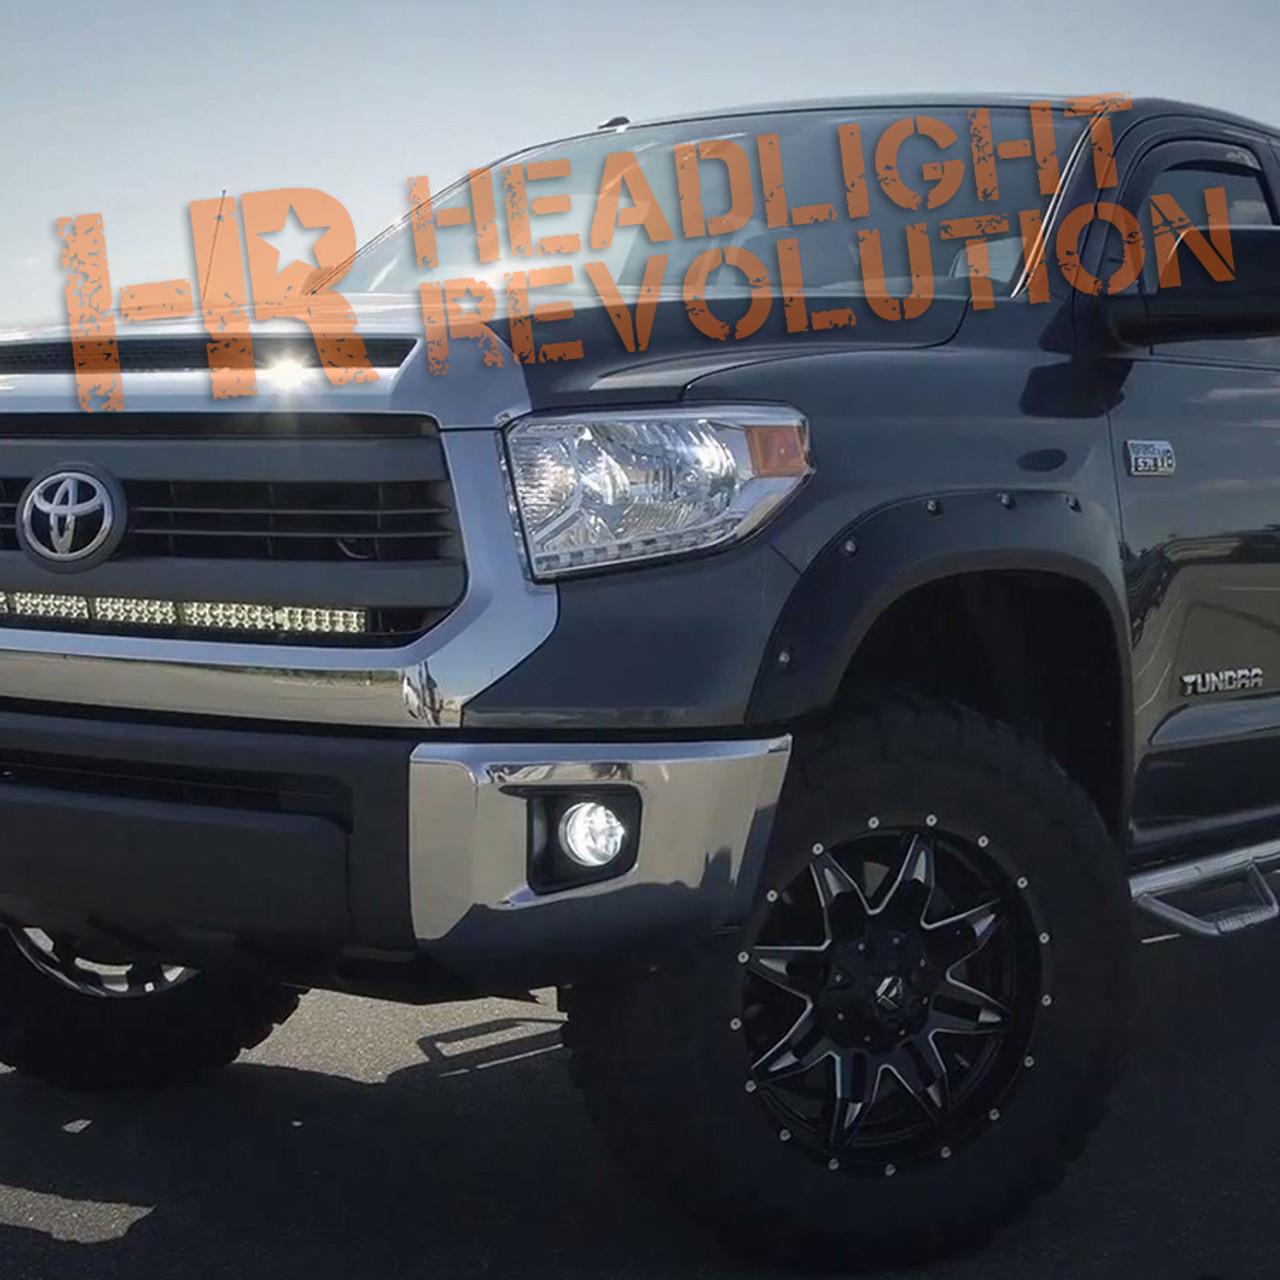 2014 2018 toyota tundra led rear brake light bulb kit [ 900 x 900 Pixel ]